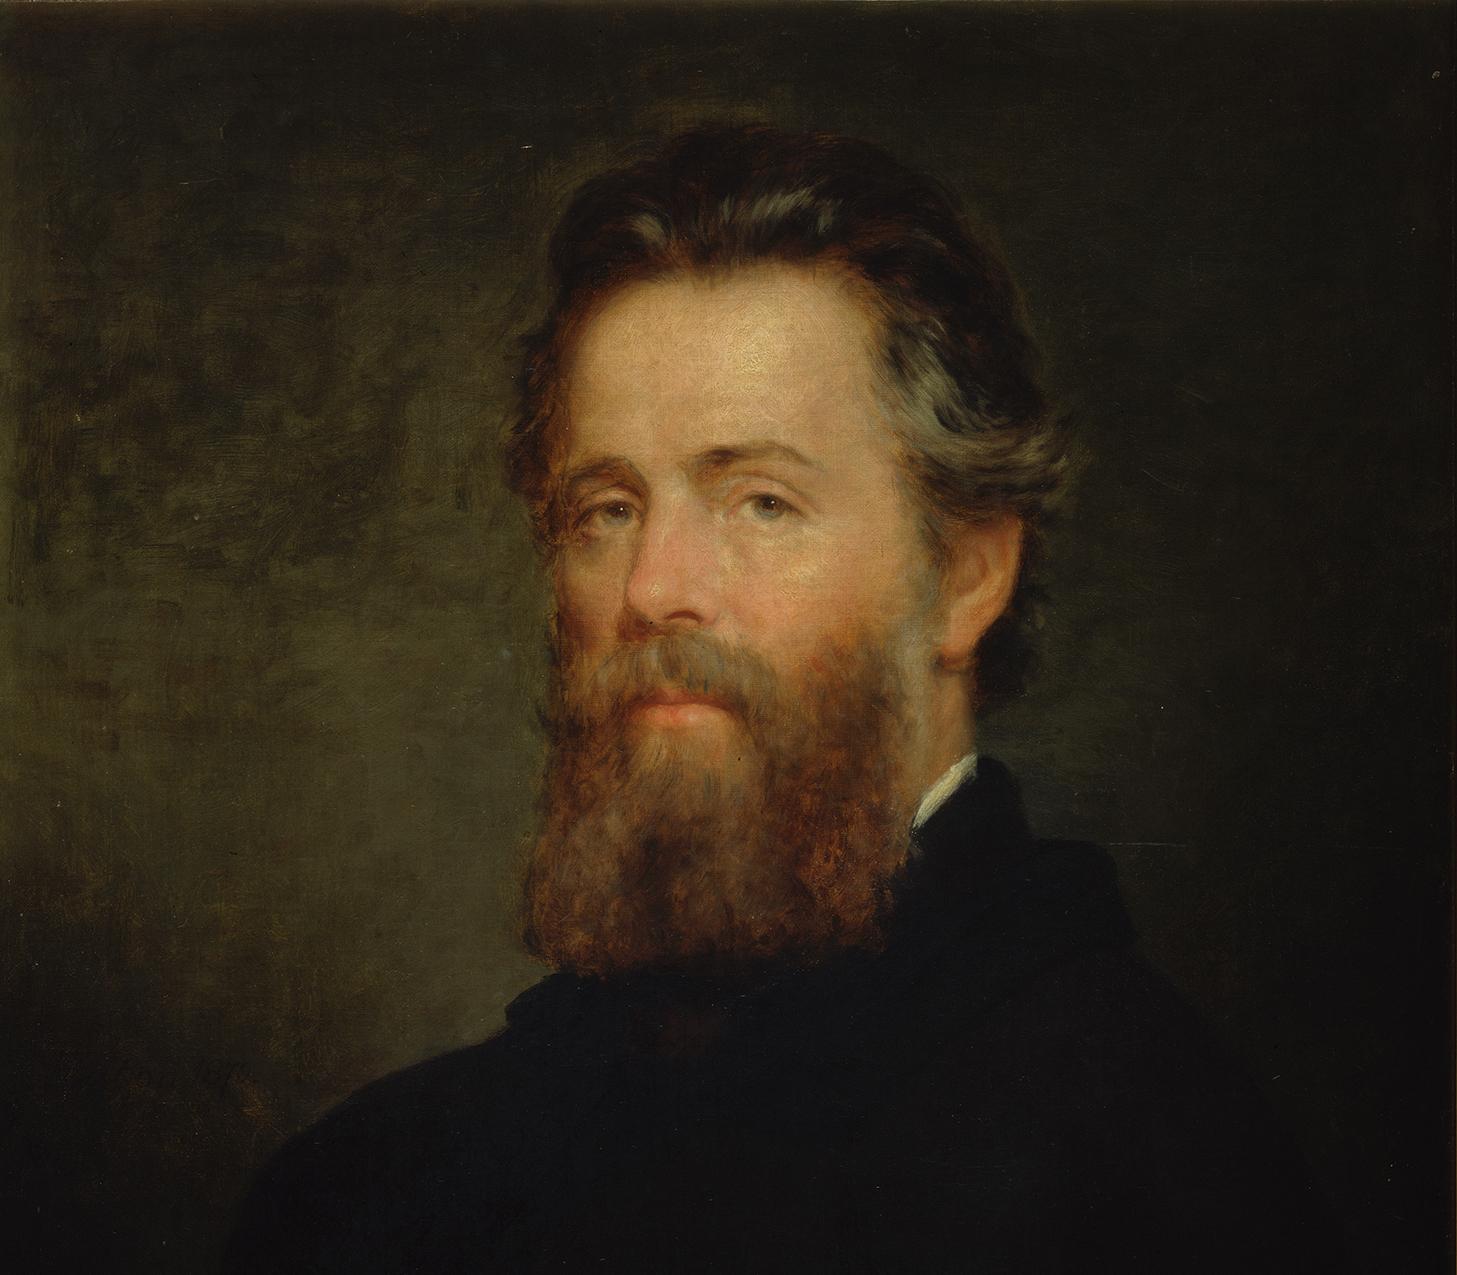 Herman Melville, ritratto di Joseph O. Eaton (dettaglio)